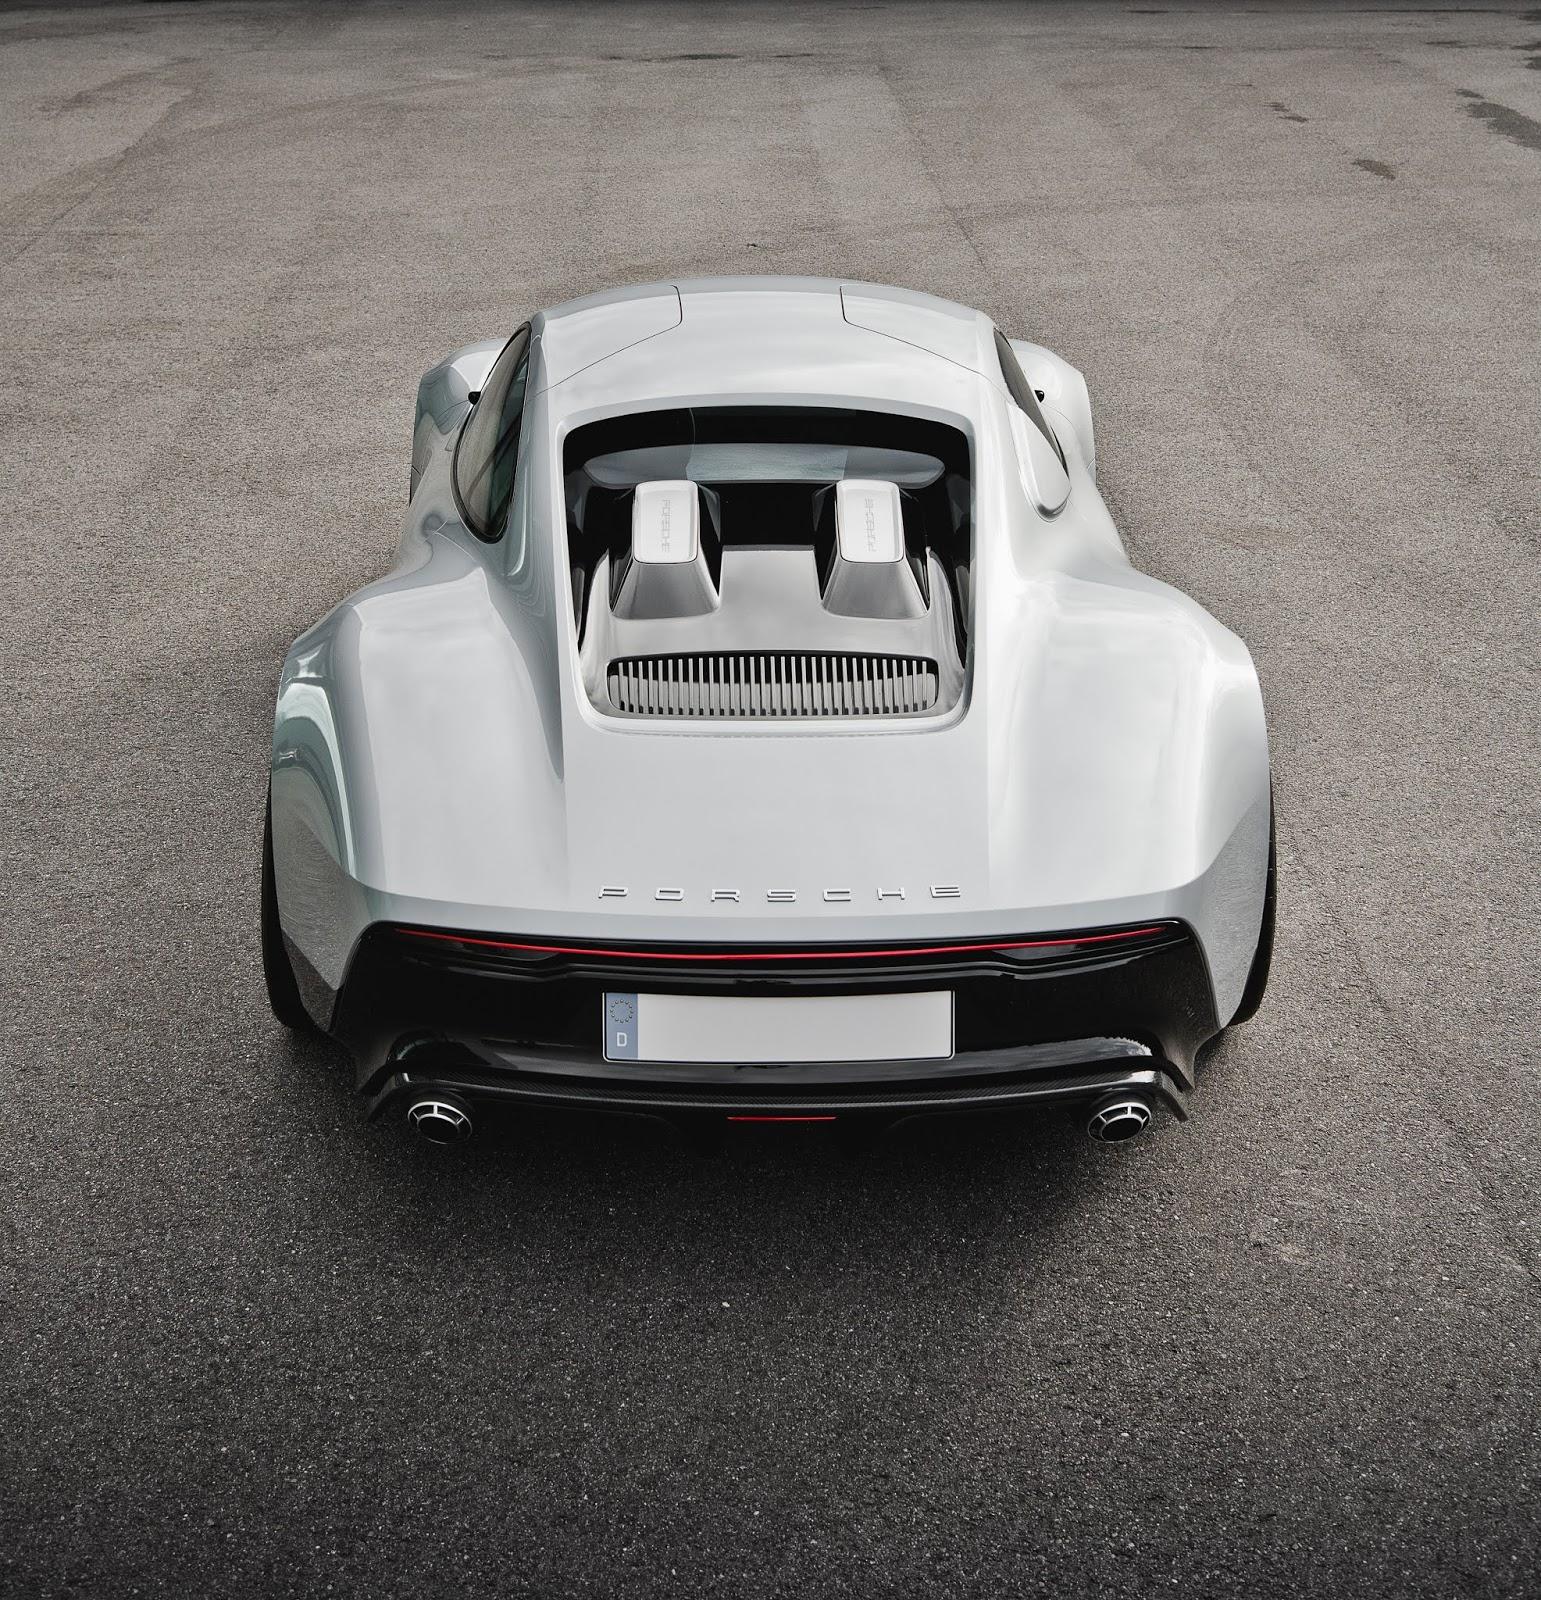 CUR7338 Η 904 Living Legend, που μας πήρε τα μυαλά Little Rebels, Porsche, Porsche 904 Living Legend, Porsche Unseen, supercar, supercars, zblog, ειδήσεις